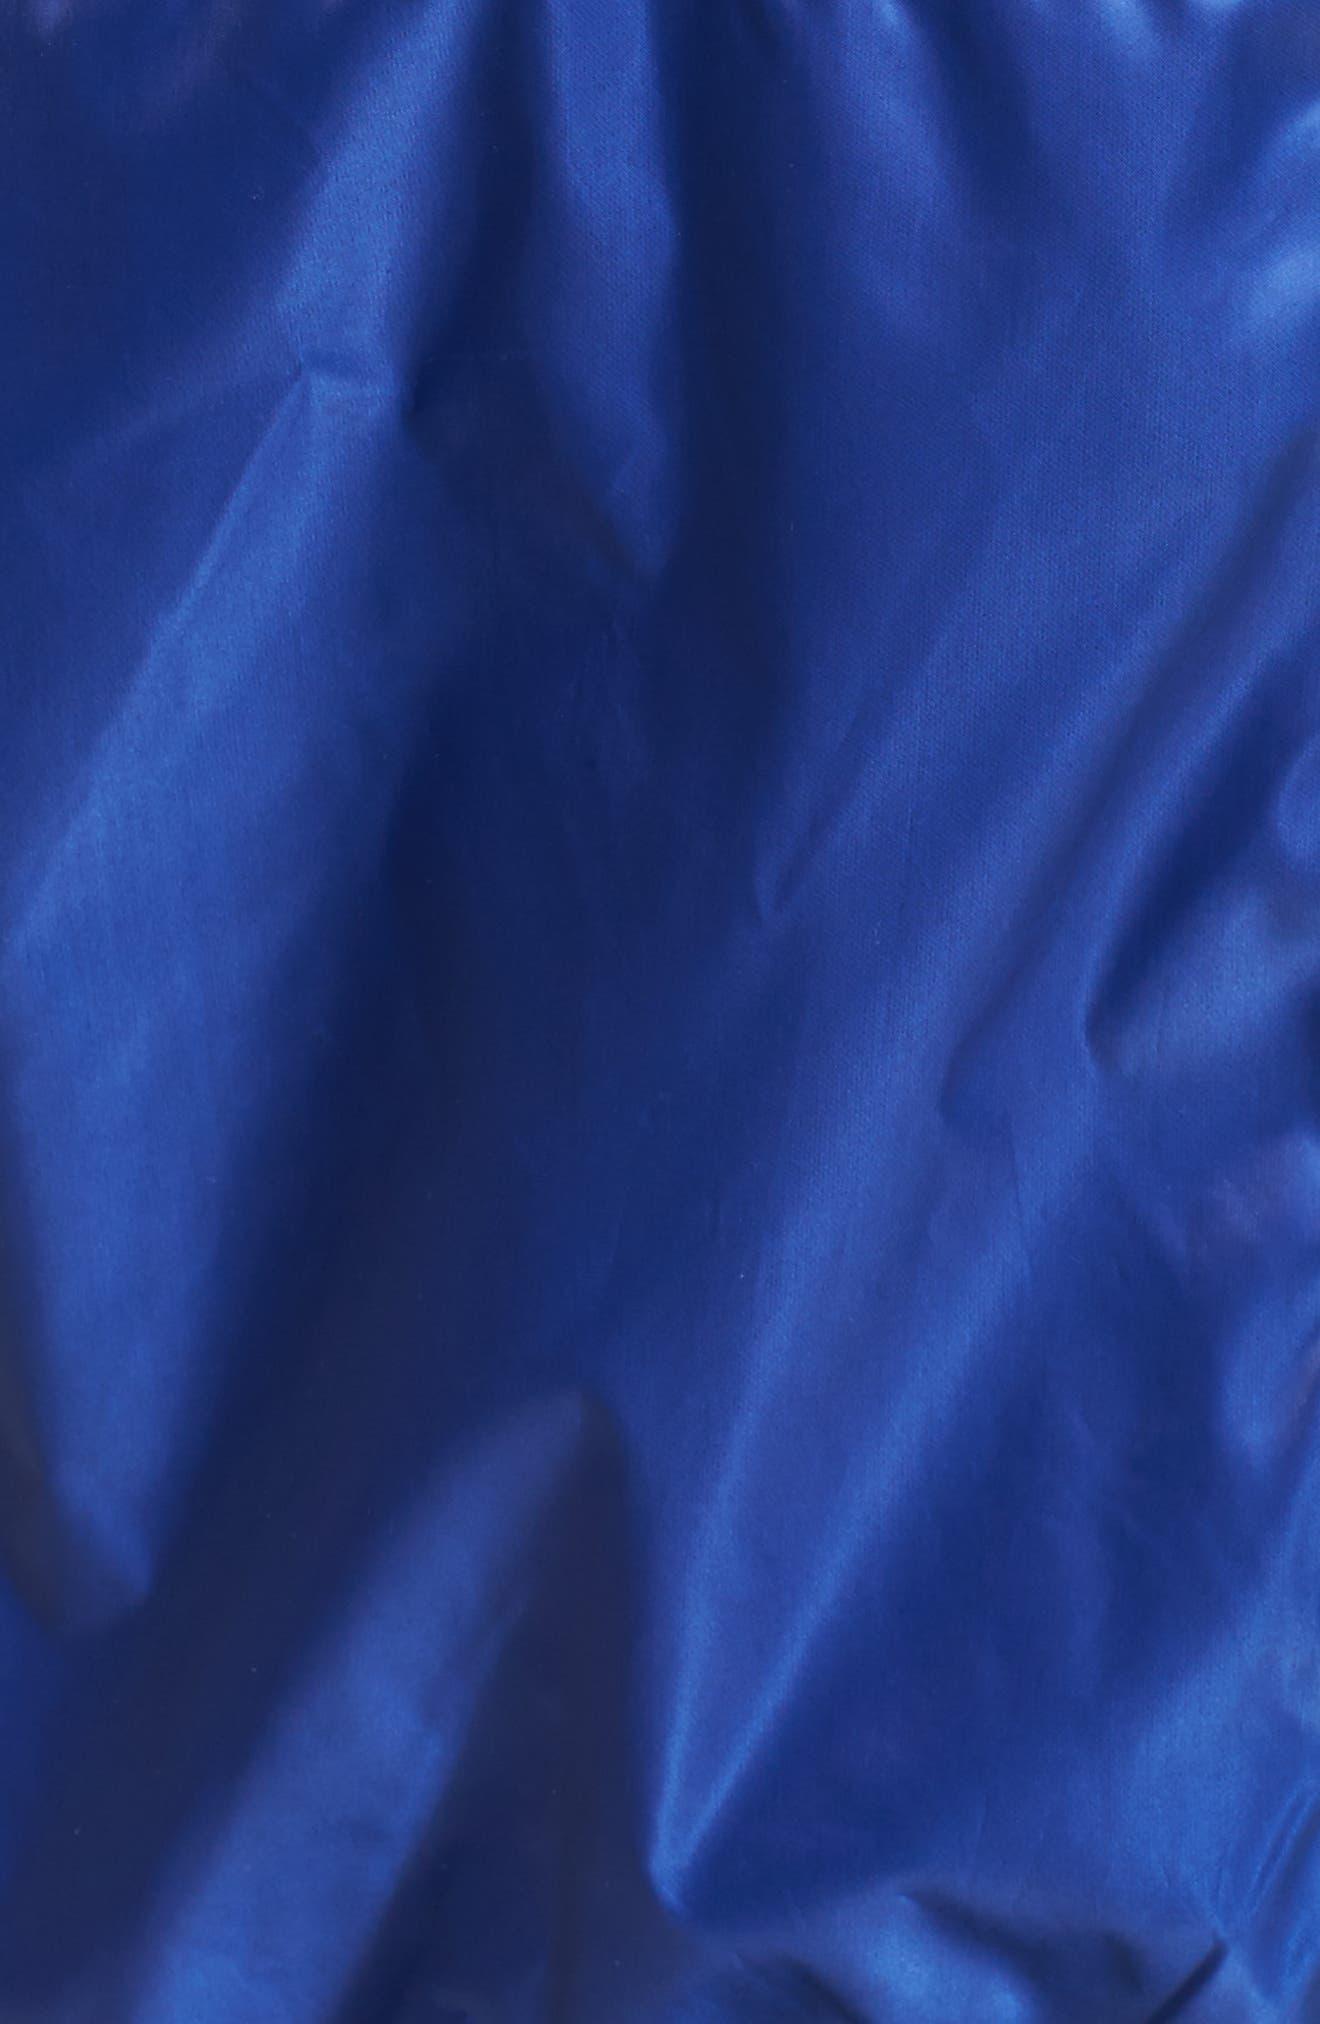 Teca Packable Water Resistant Windbreaker Jacket,                             Alternate thumbnail 31, color,